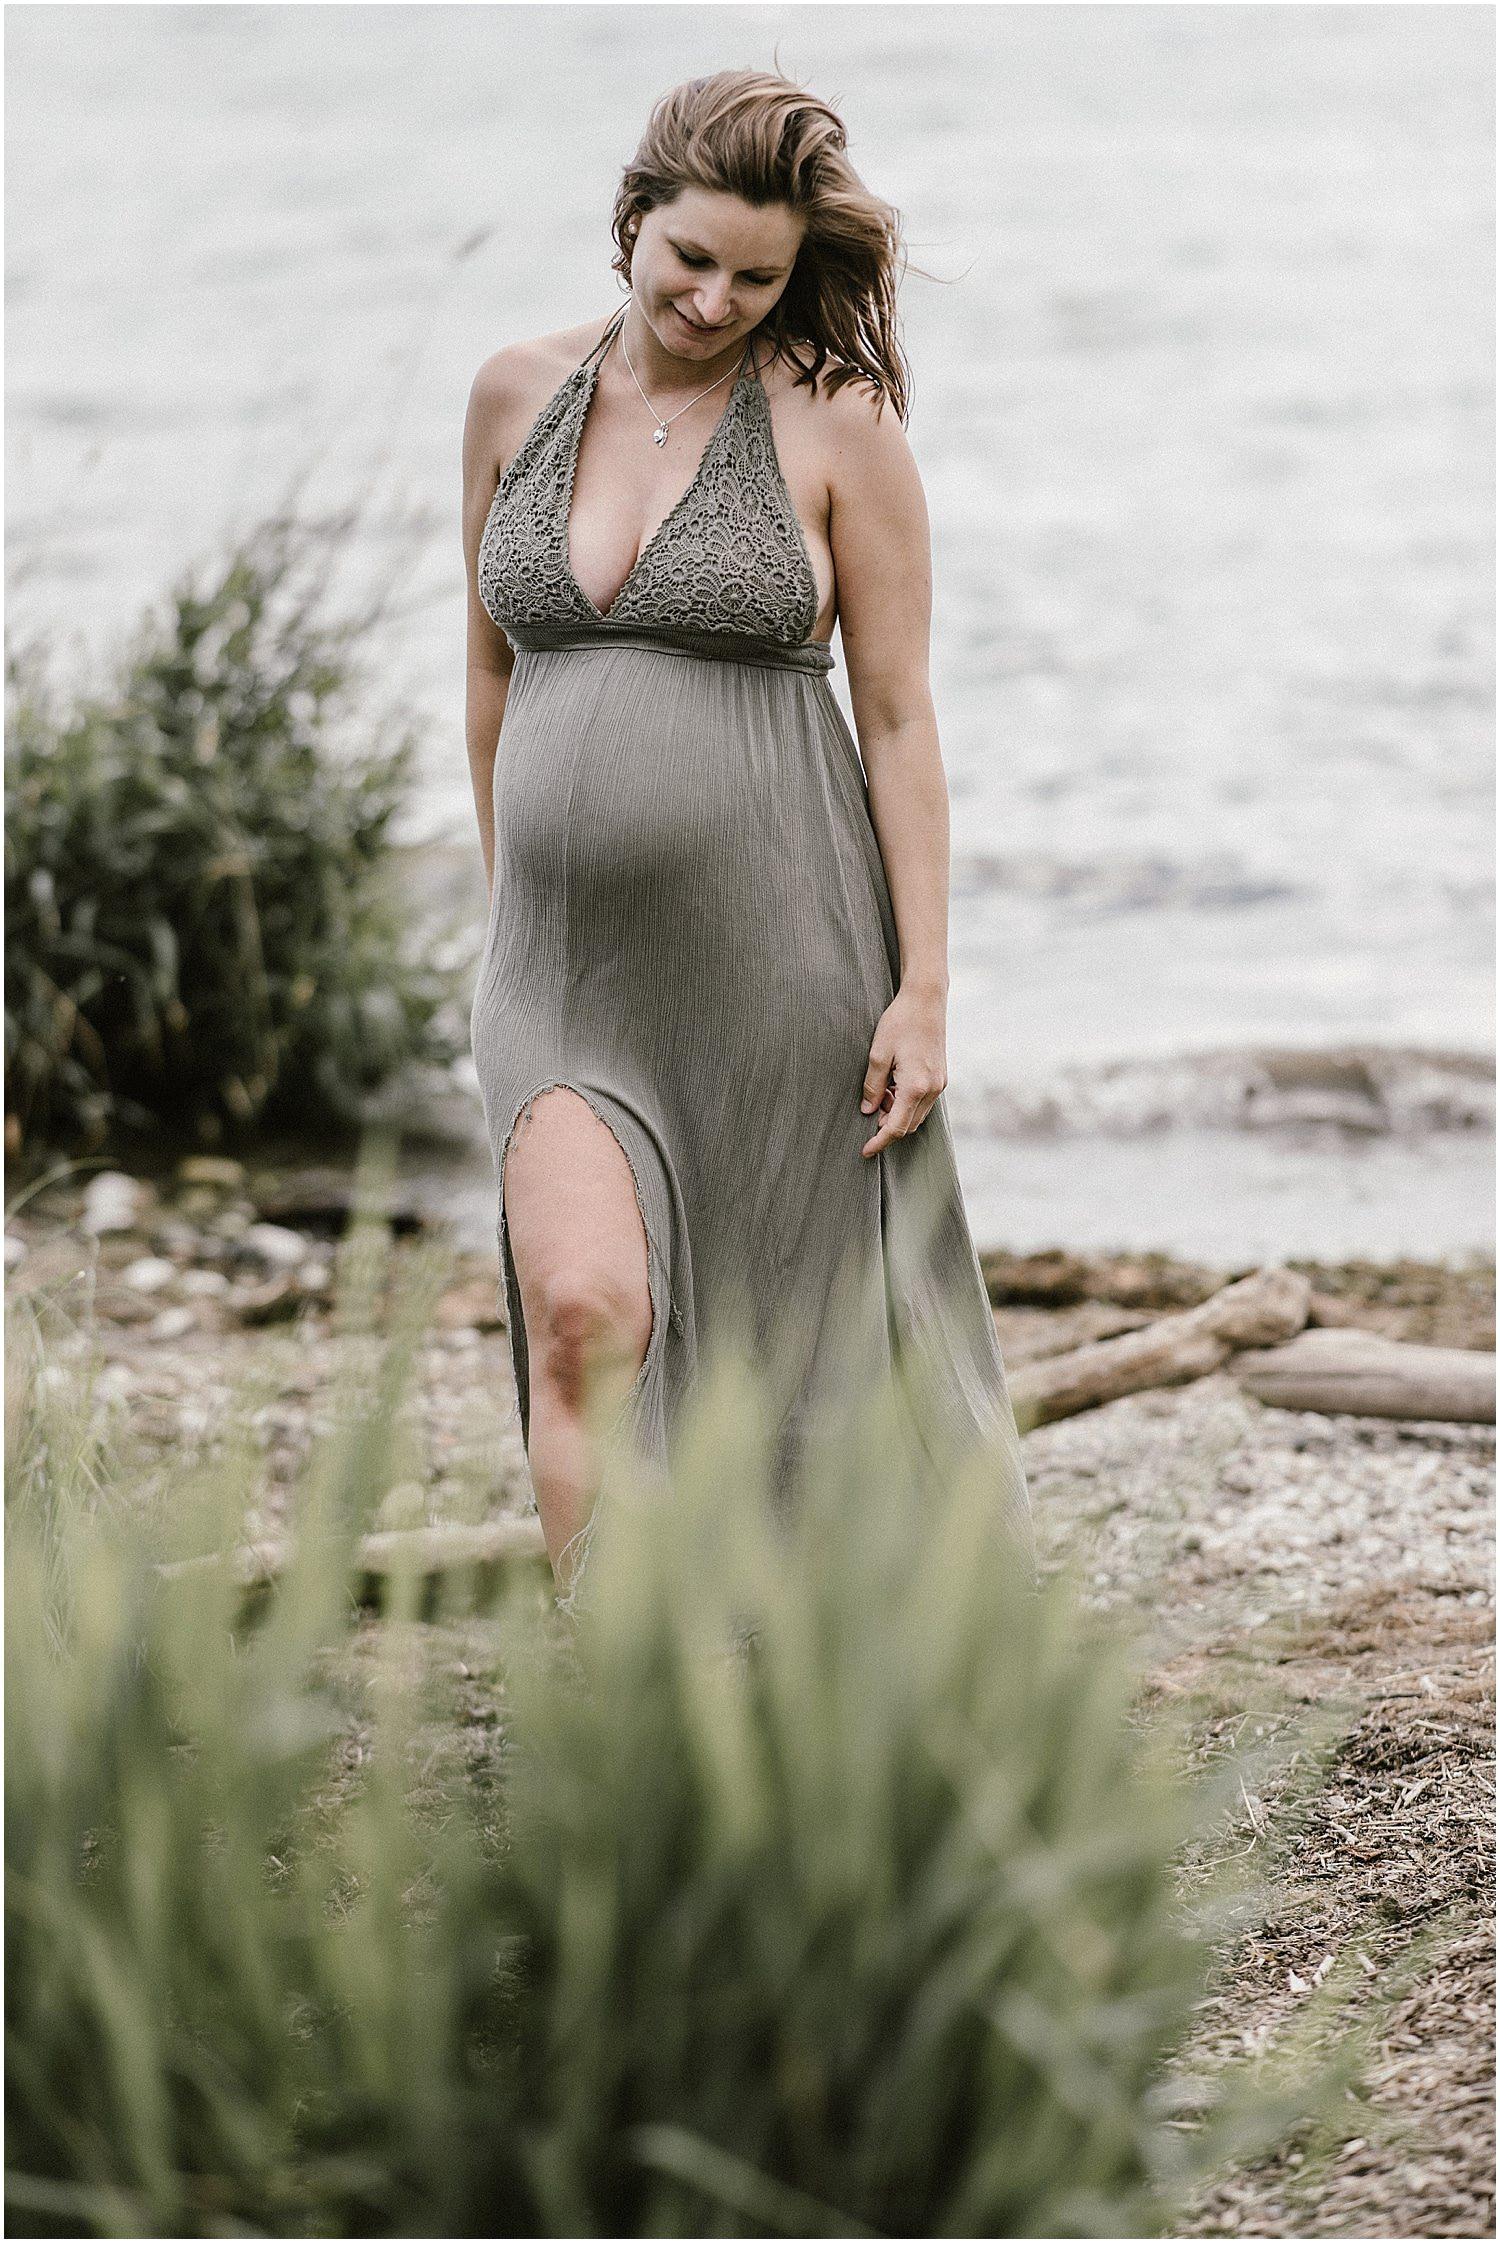 Babybauchkleider, Schwangerschaftskleider, Studiofotos, Fotostudio Babybauch, Babybauch Fotostudio, Fotograf Arbon, Fotograf Ostschweiz, Fotograf St Gallen